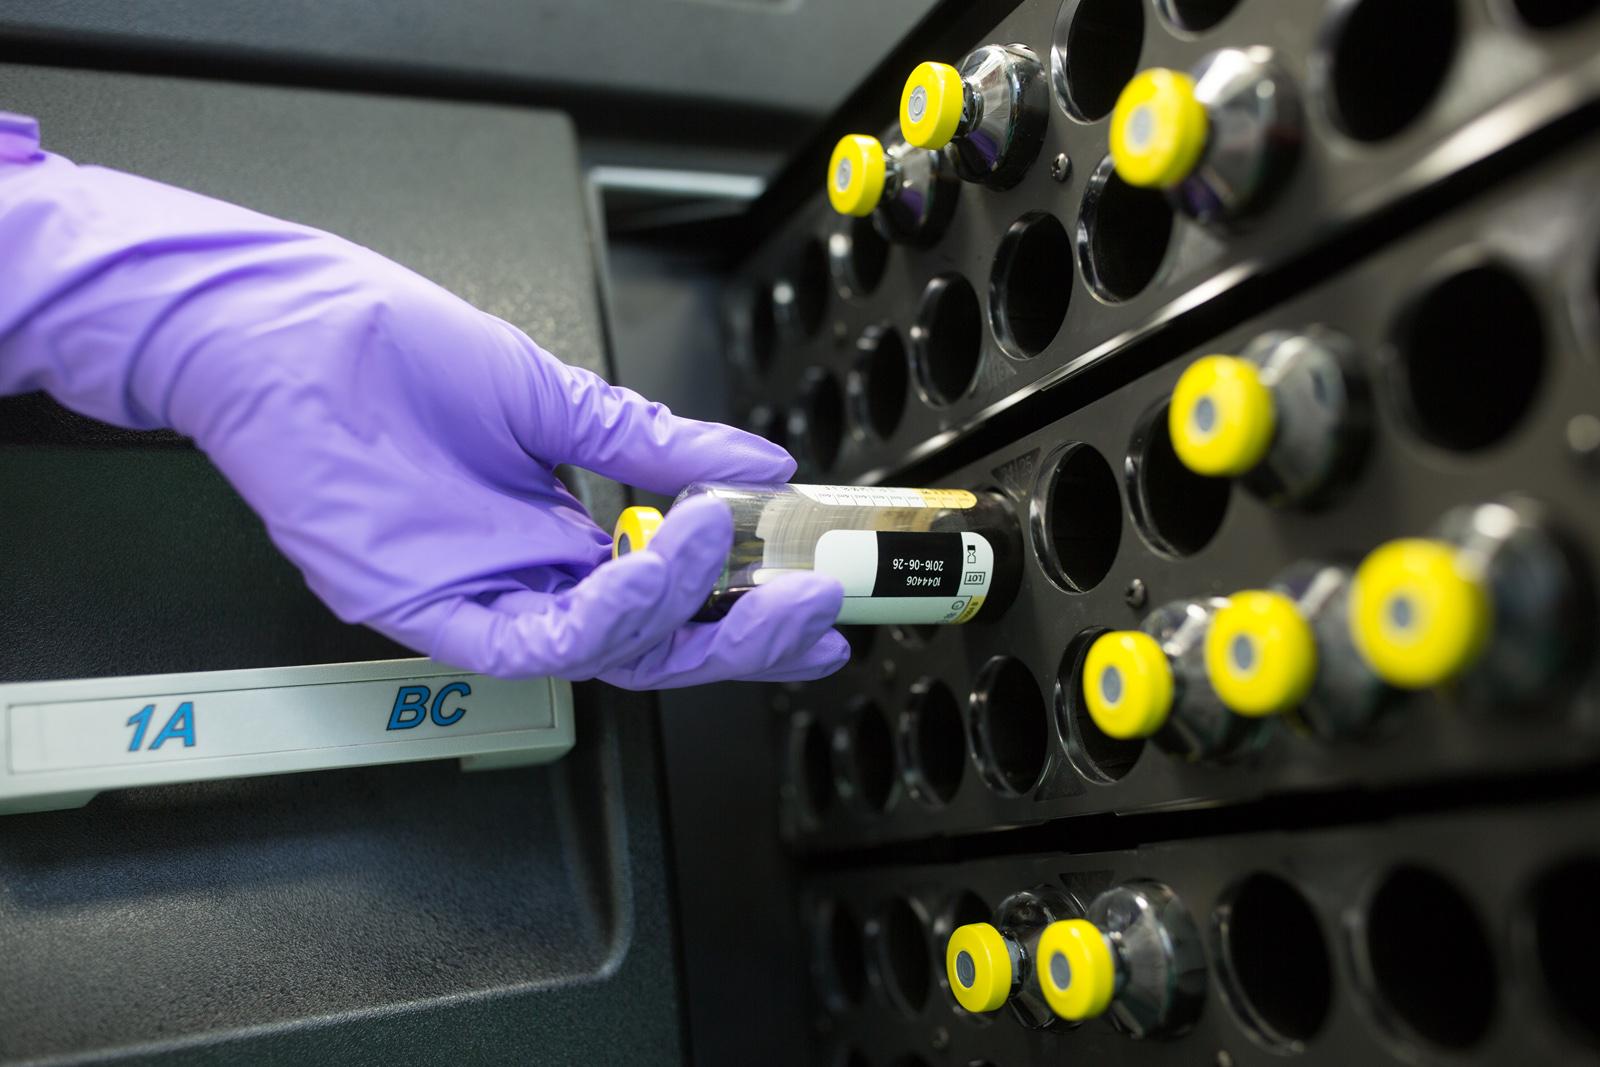 kontrola kvality - kontrola mikrobiální kontaminace